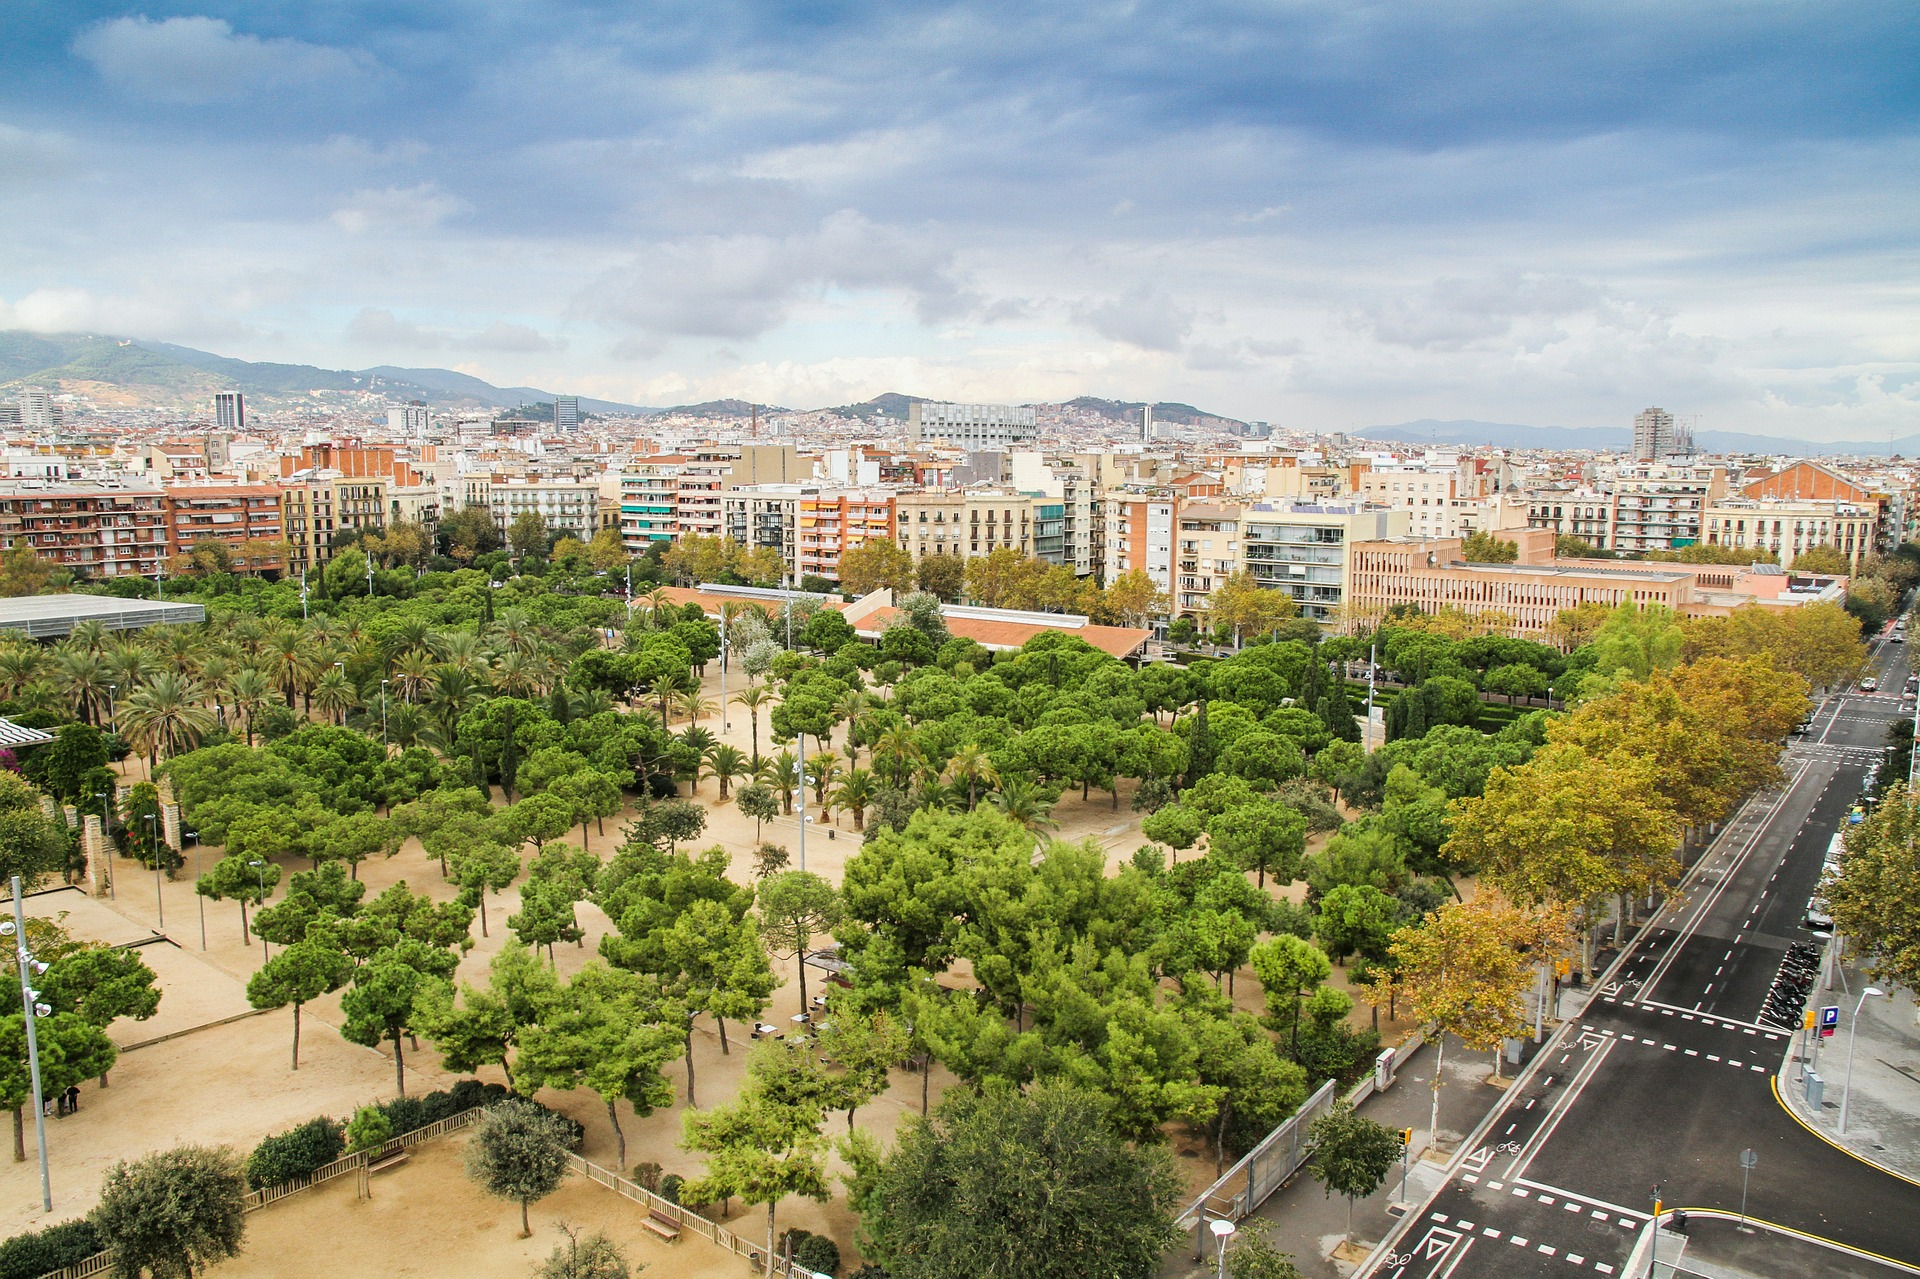 Beitrag/Artikel: Die traumhaften Strände in und um Barcelona entdecken - Lebe-Liebe-Lache.com - Dein ONLINE MAGAZIN